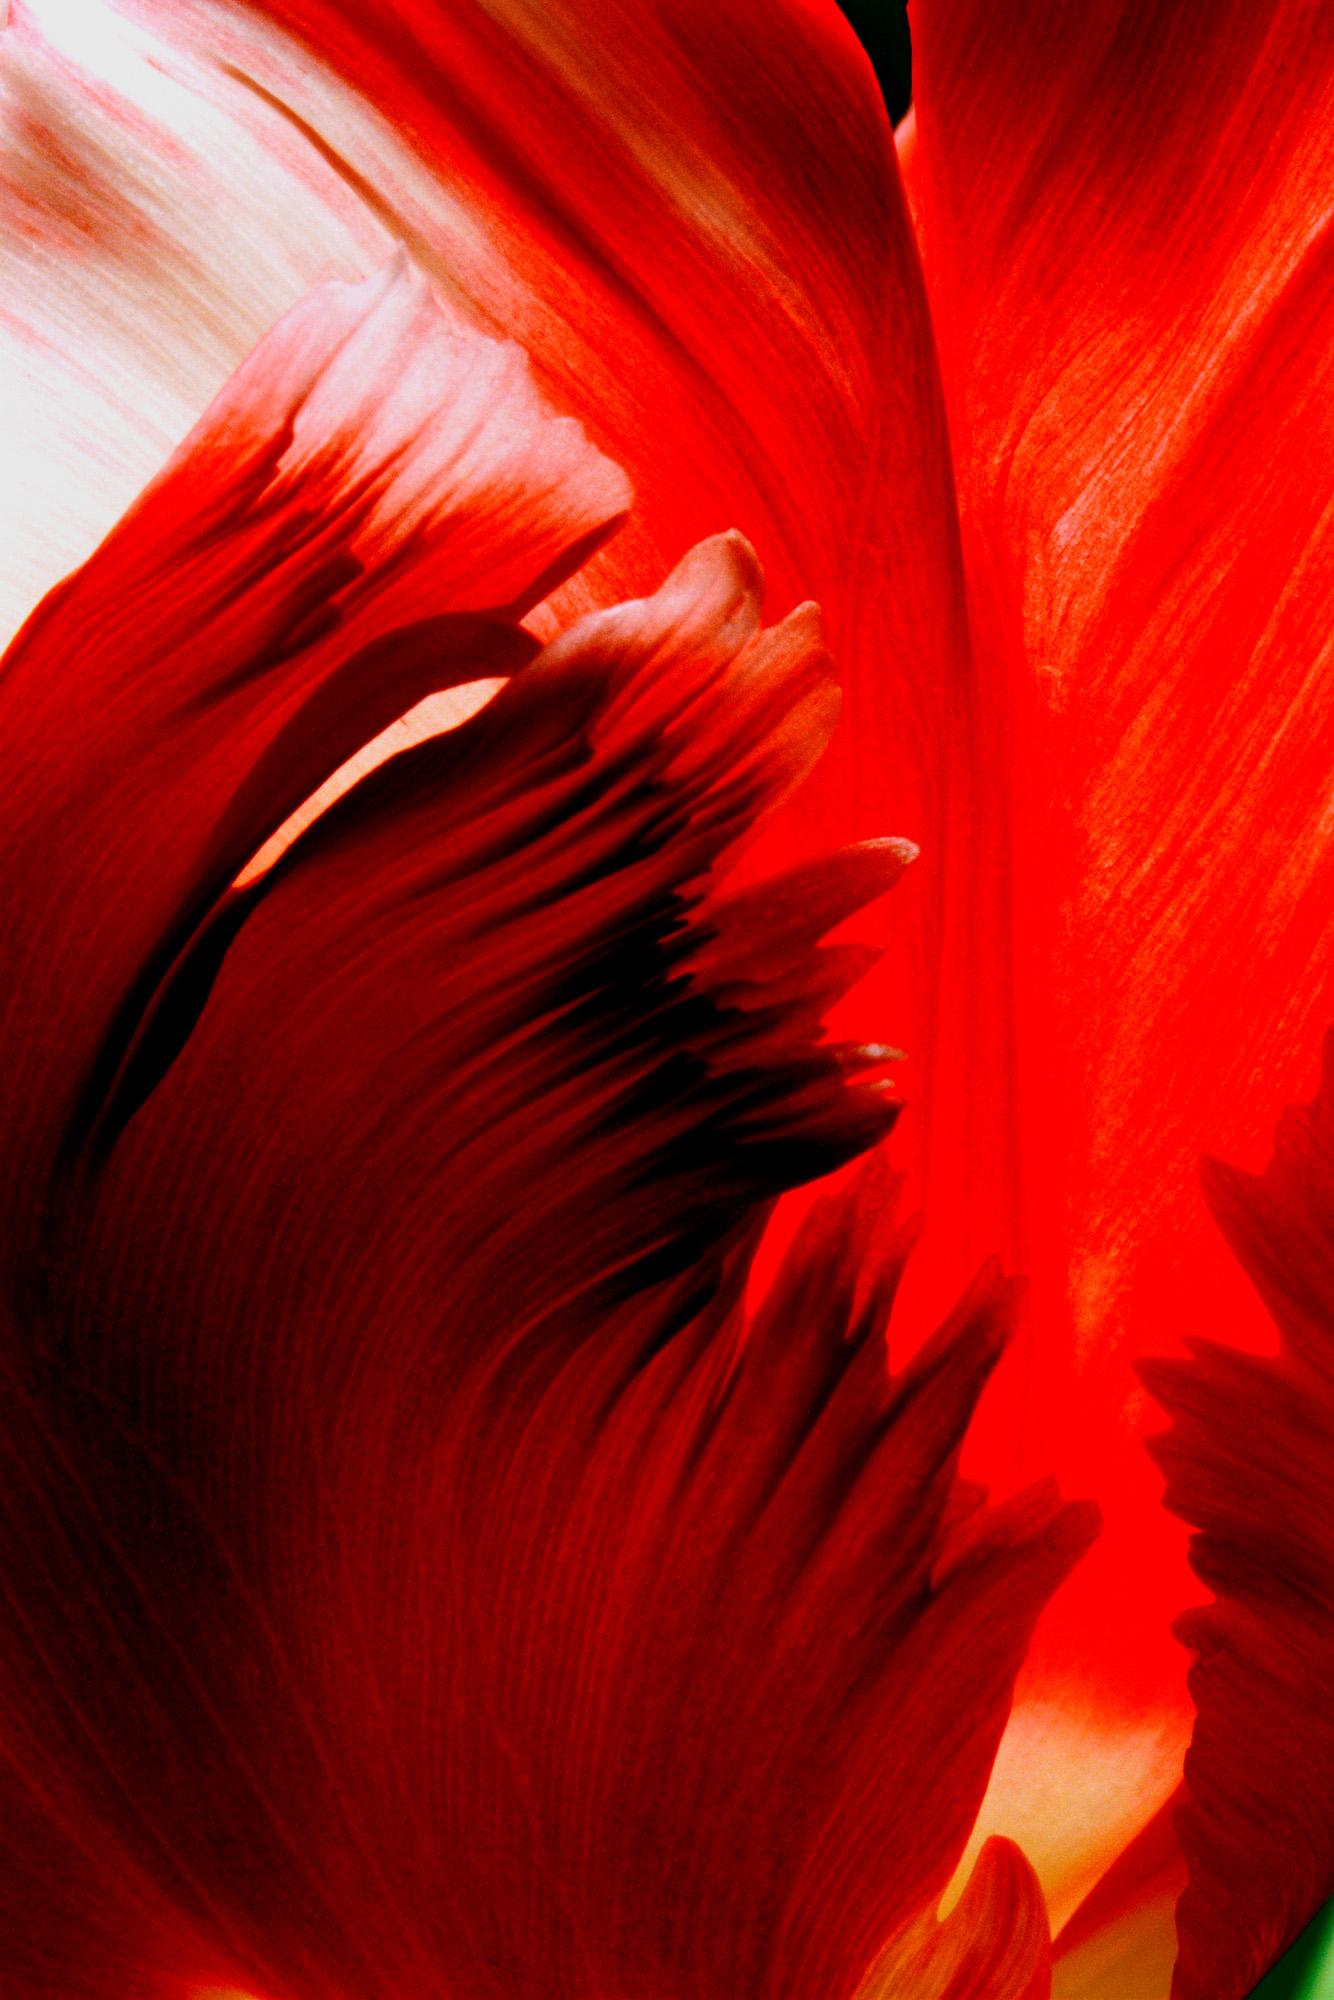 Blüte, Blüten, Pflanze, Pflanzen, Natur, Wachstum, Leben, Stempel, Blätter, Makrobereich, Makro, analog, Großformat, analoge Fotografie, Tulpe, rot